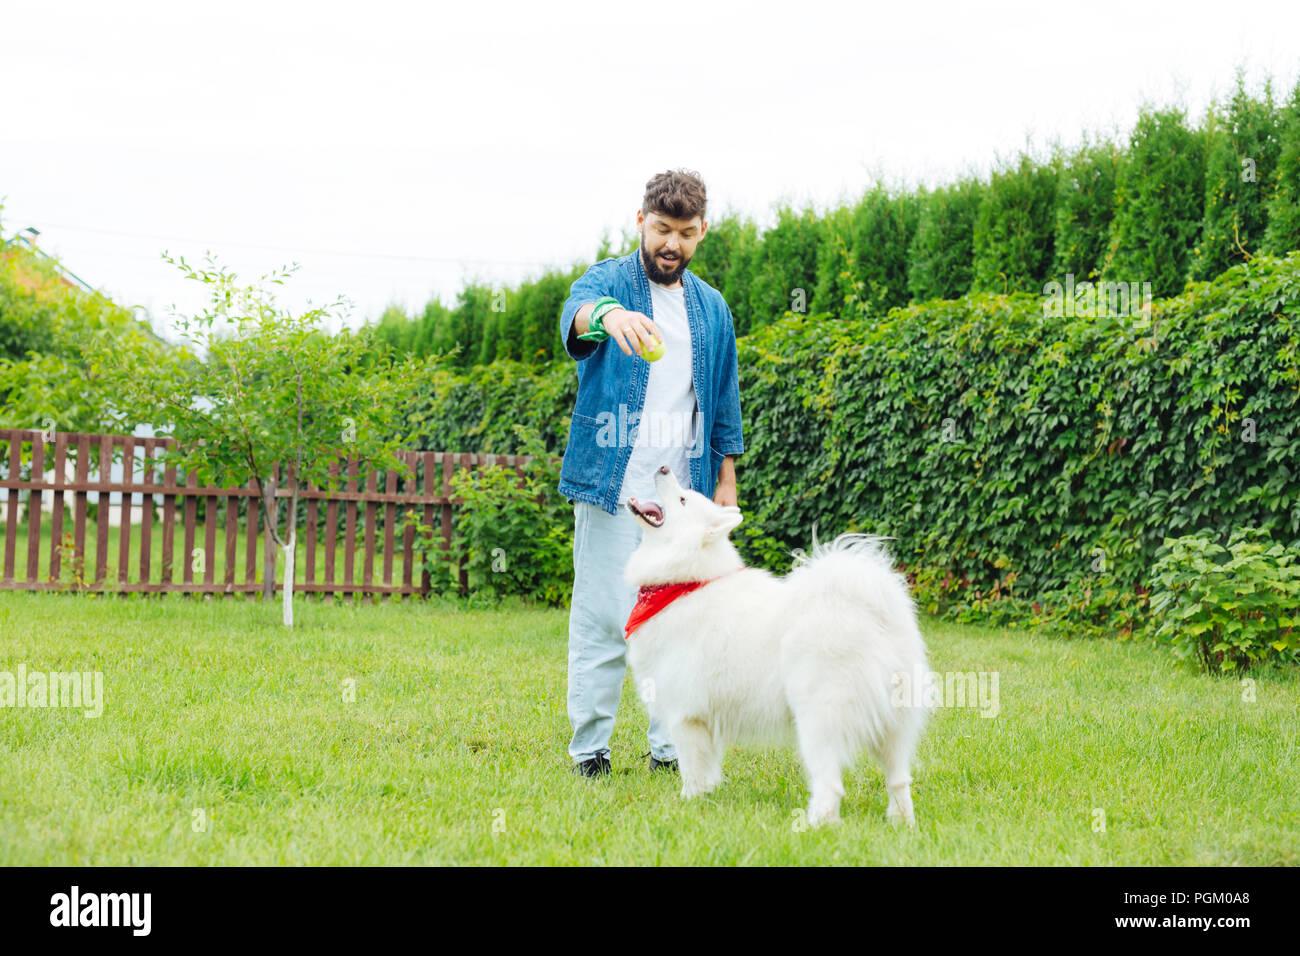 Stilvolle Mann in Jeans Jacke spielen mit weißen Husky Stockbild